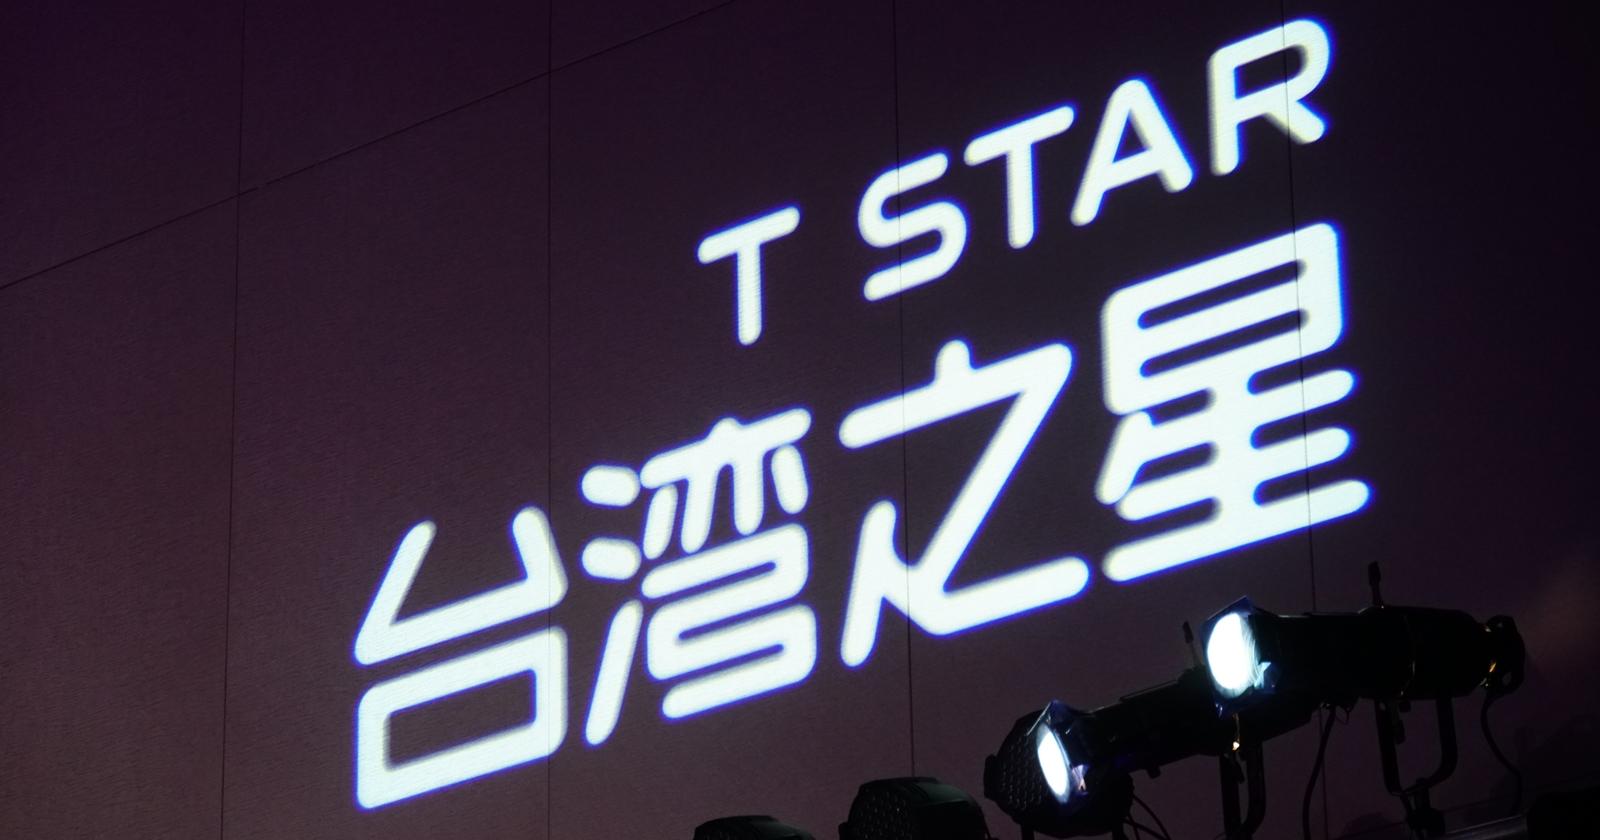 台灣之星推出 VIP 制度,月租型用戶自動加入、累積帳單金額分級禮遇